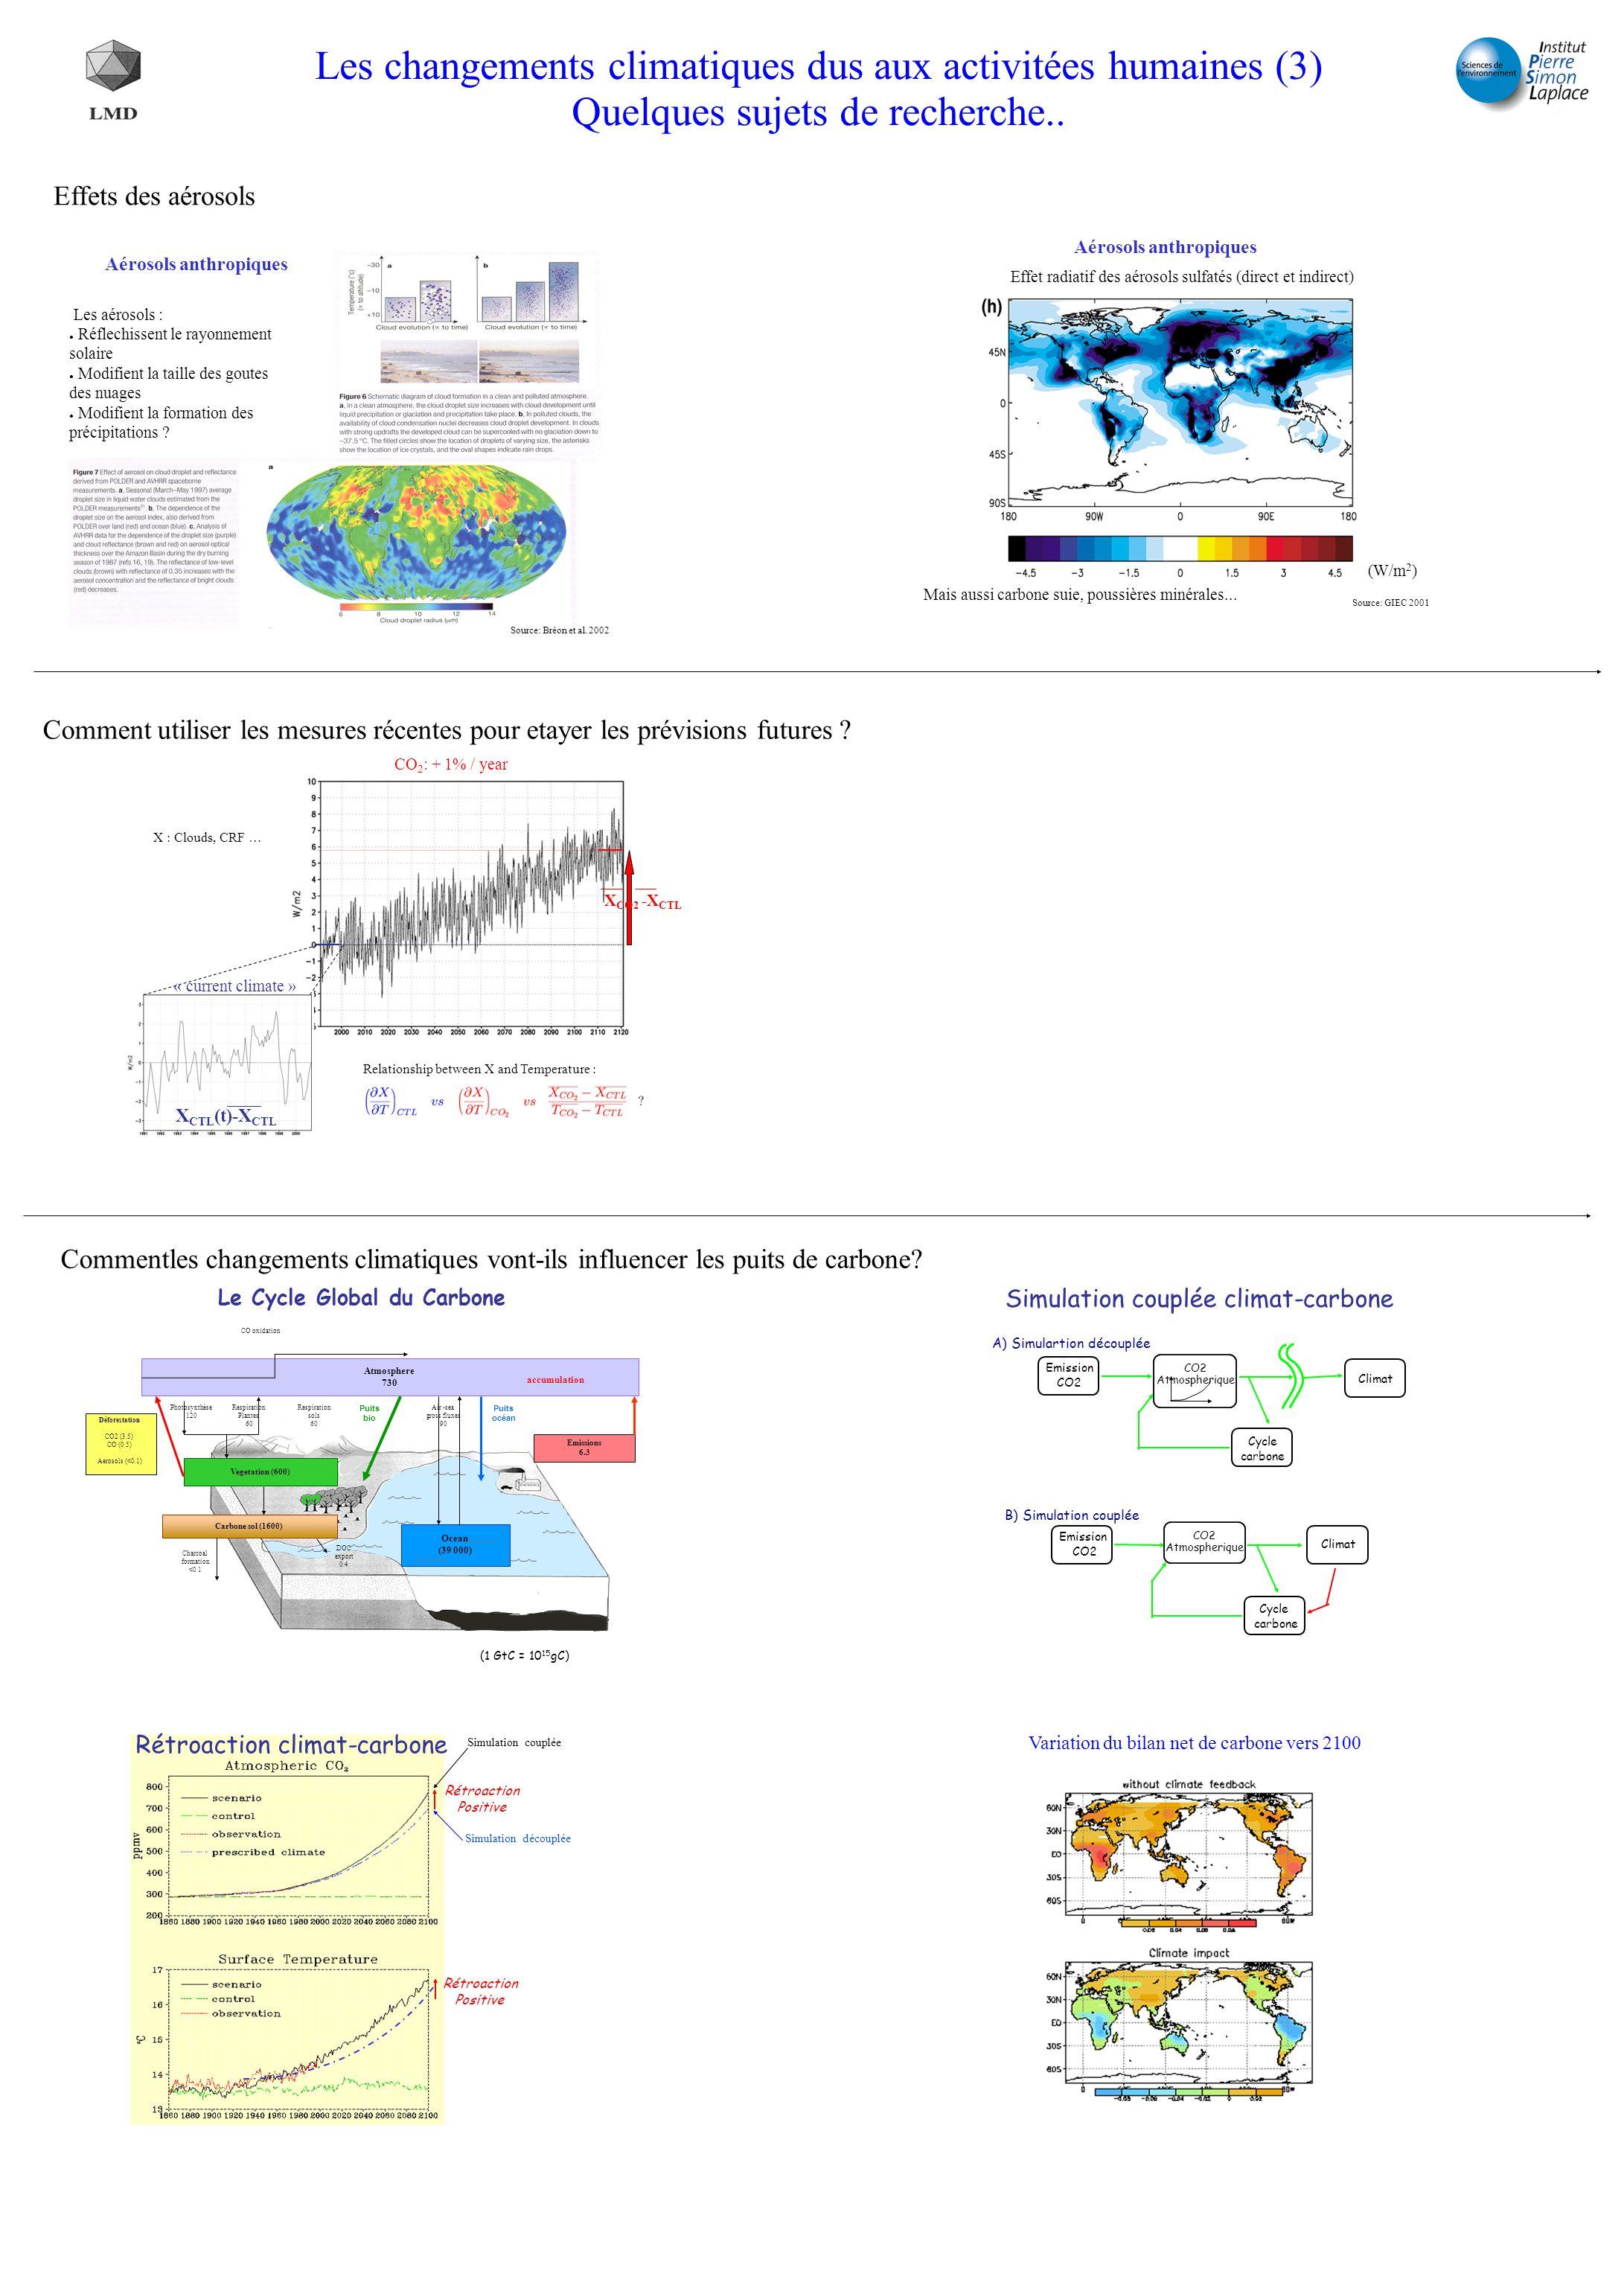 Les changements climatiques dus aux activitées humaines (3) Quelques sujets de recherche..